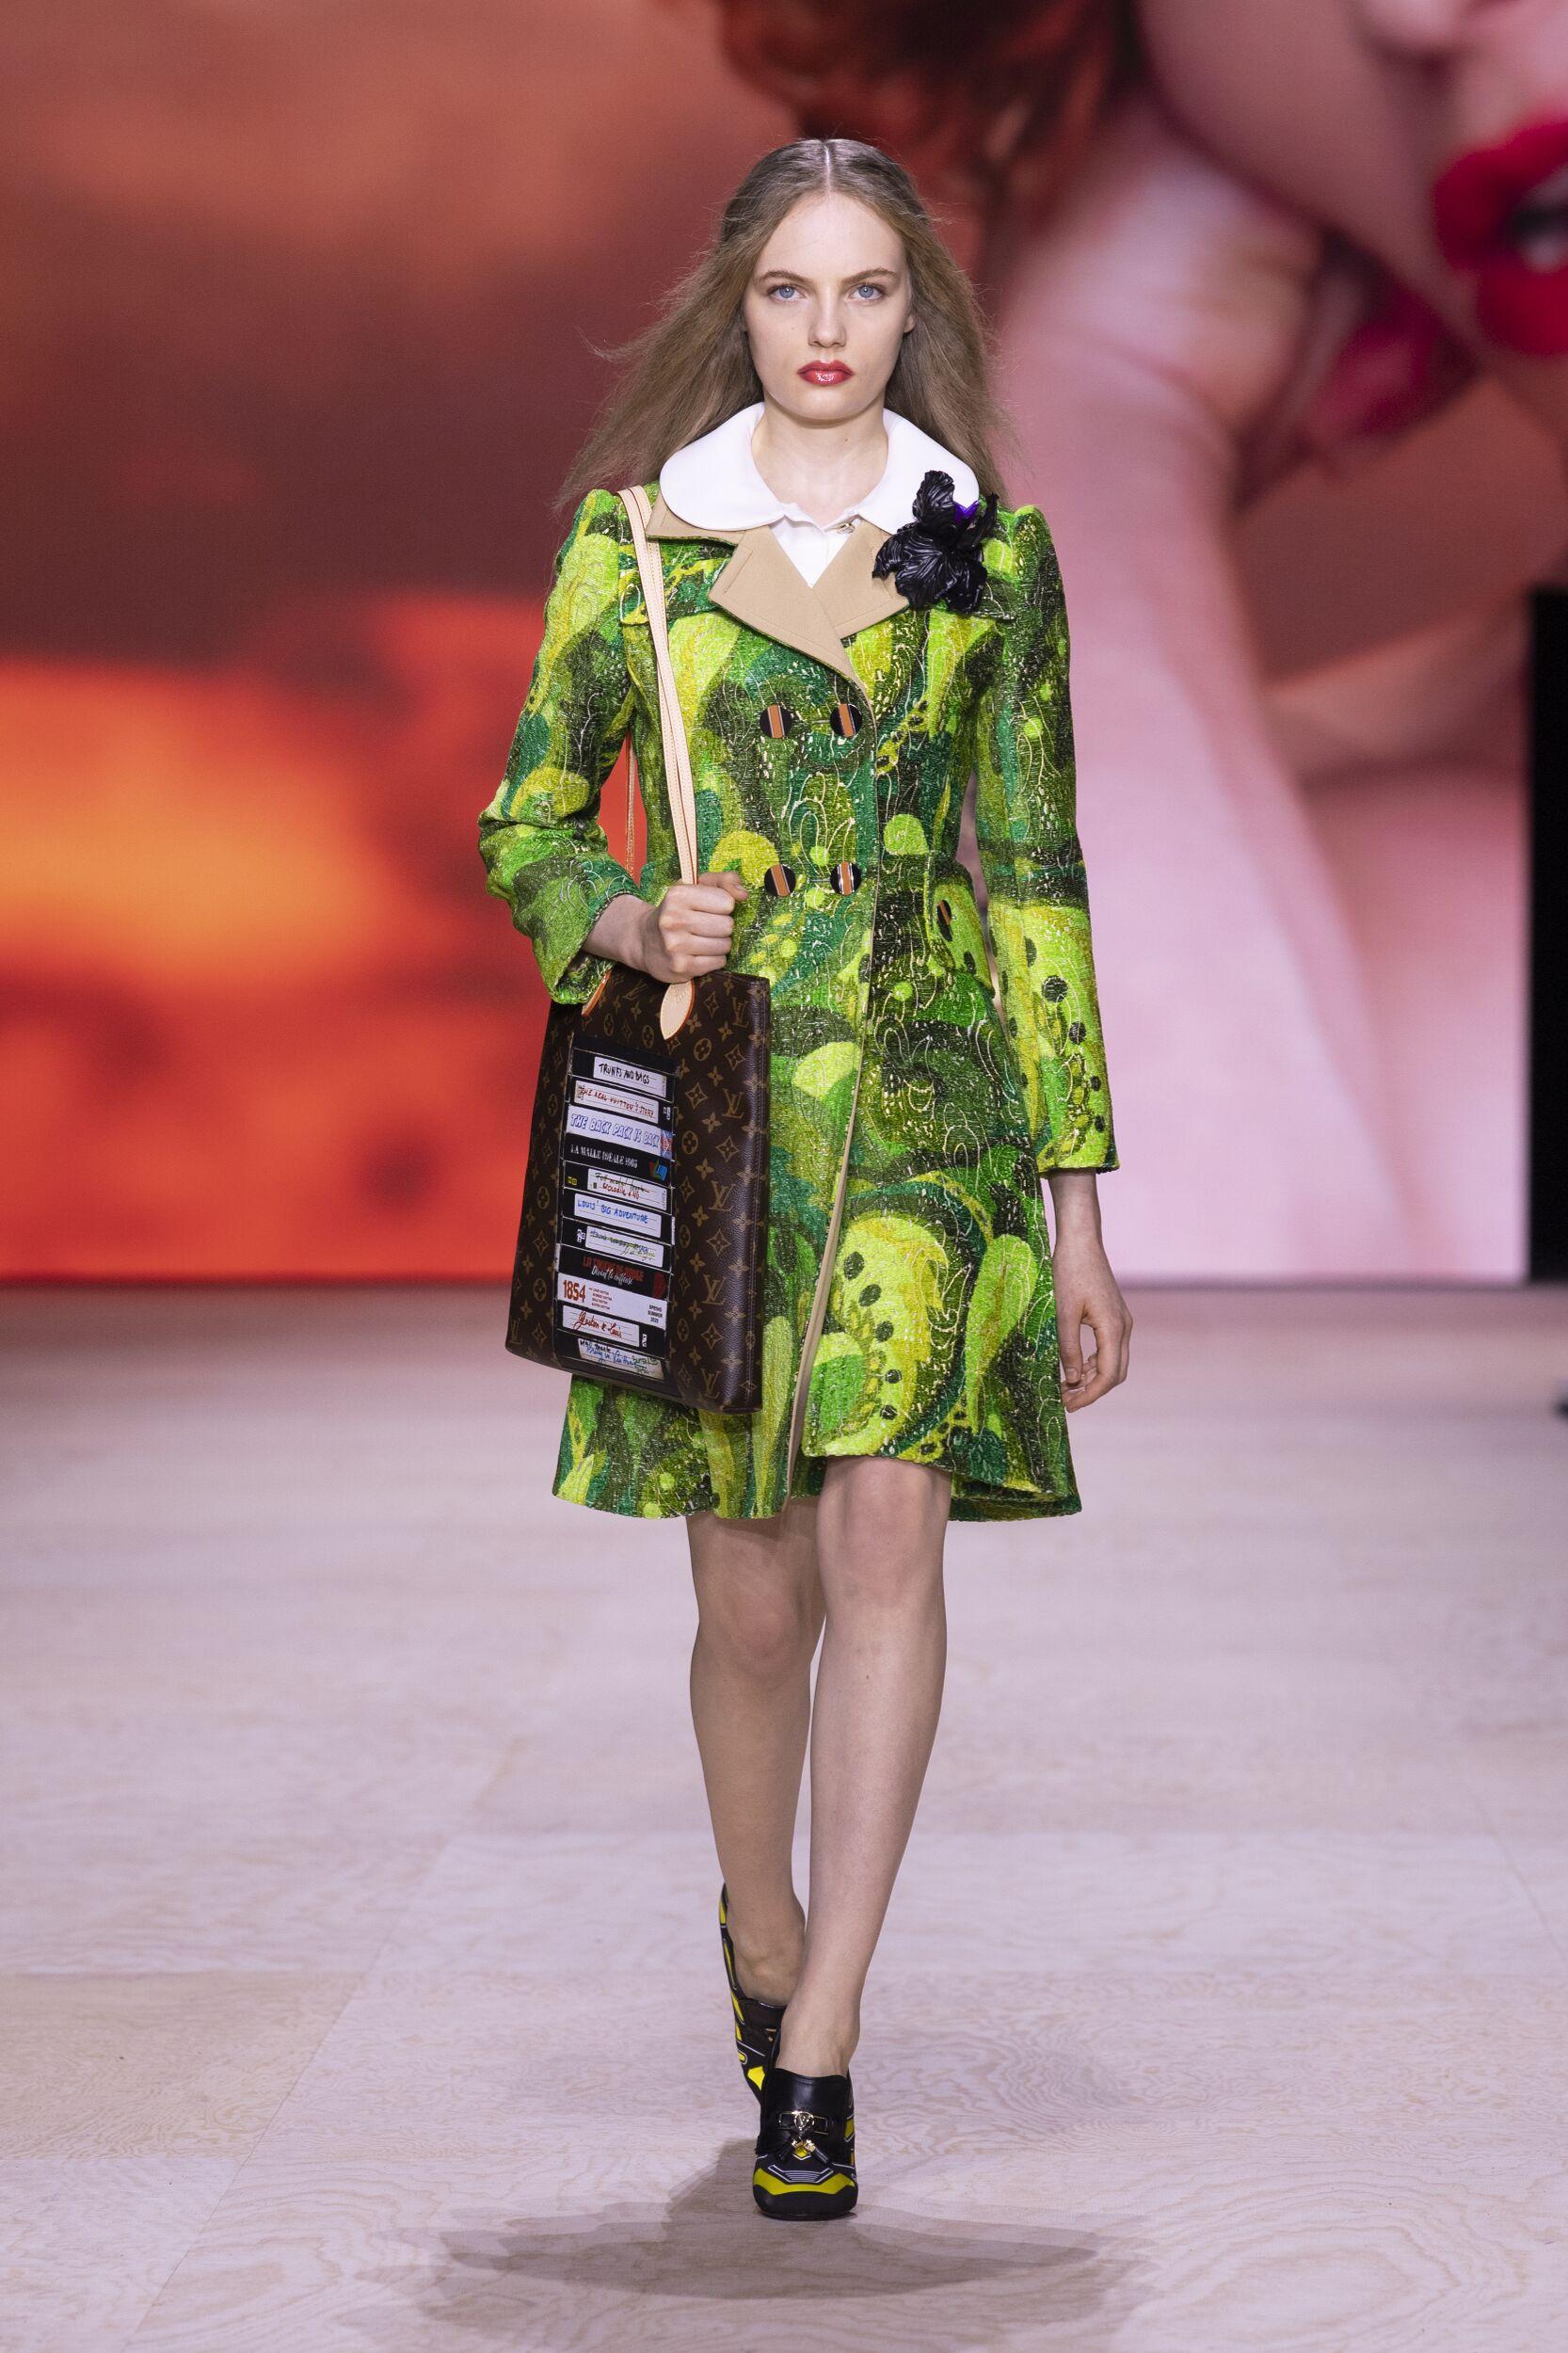 Fashion Model Woman Louis Vuitton Catwalk